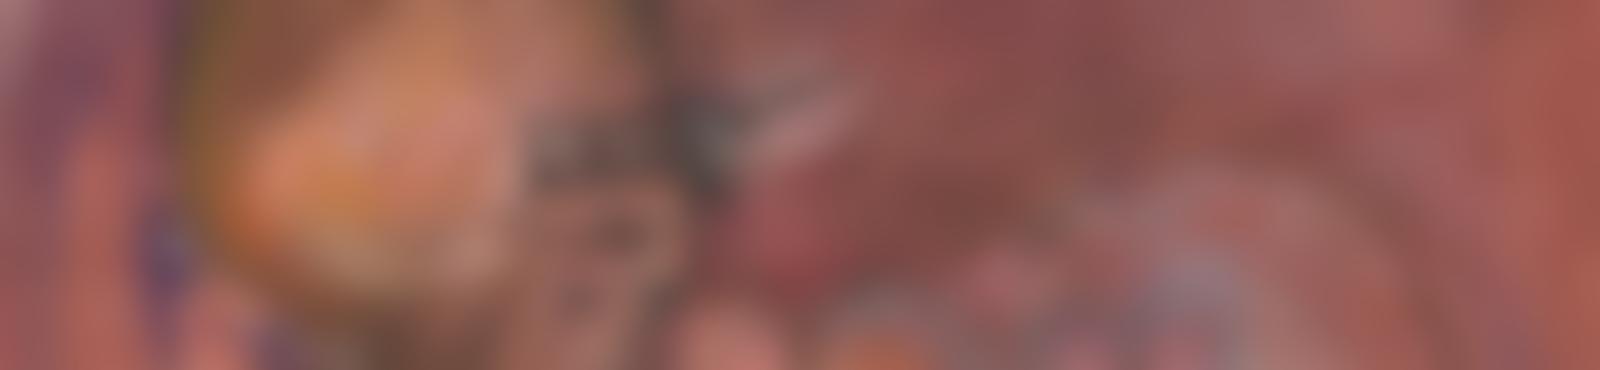 Blurred f0a6e1ea dc6f 483f 80e2 a578e5041148